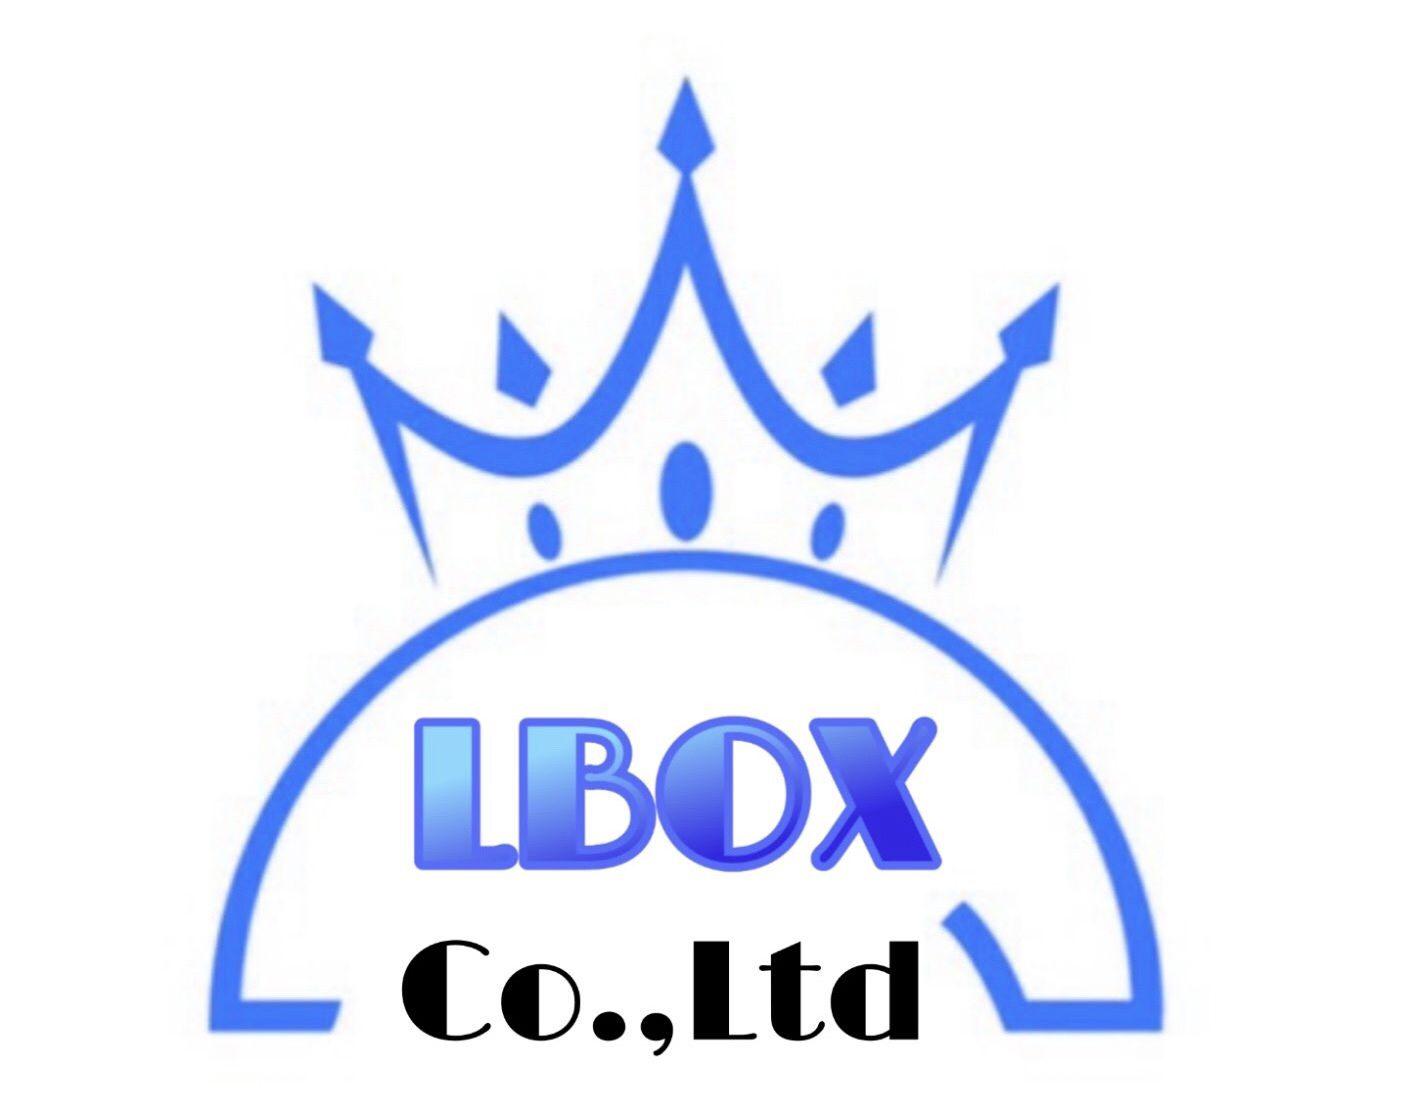 L Box Co.,Ltd.